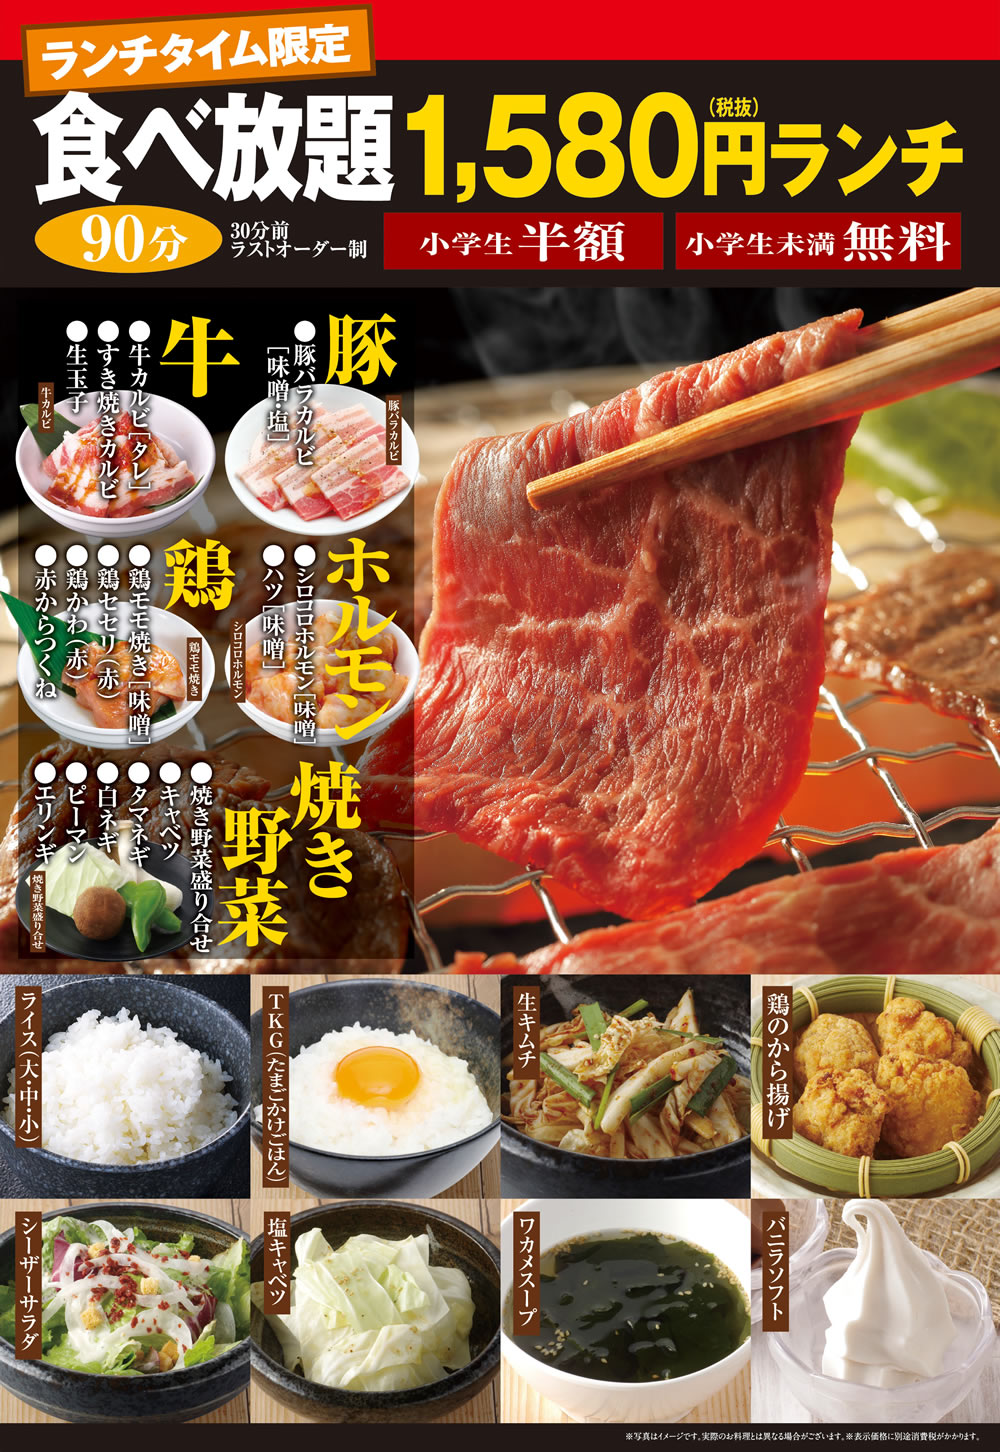 ランチメニュー 名古屋名物赤から 赤から鍋とセセリ焼き